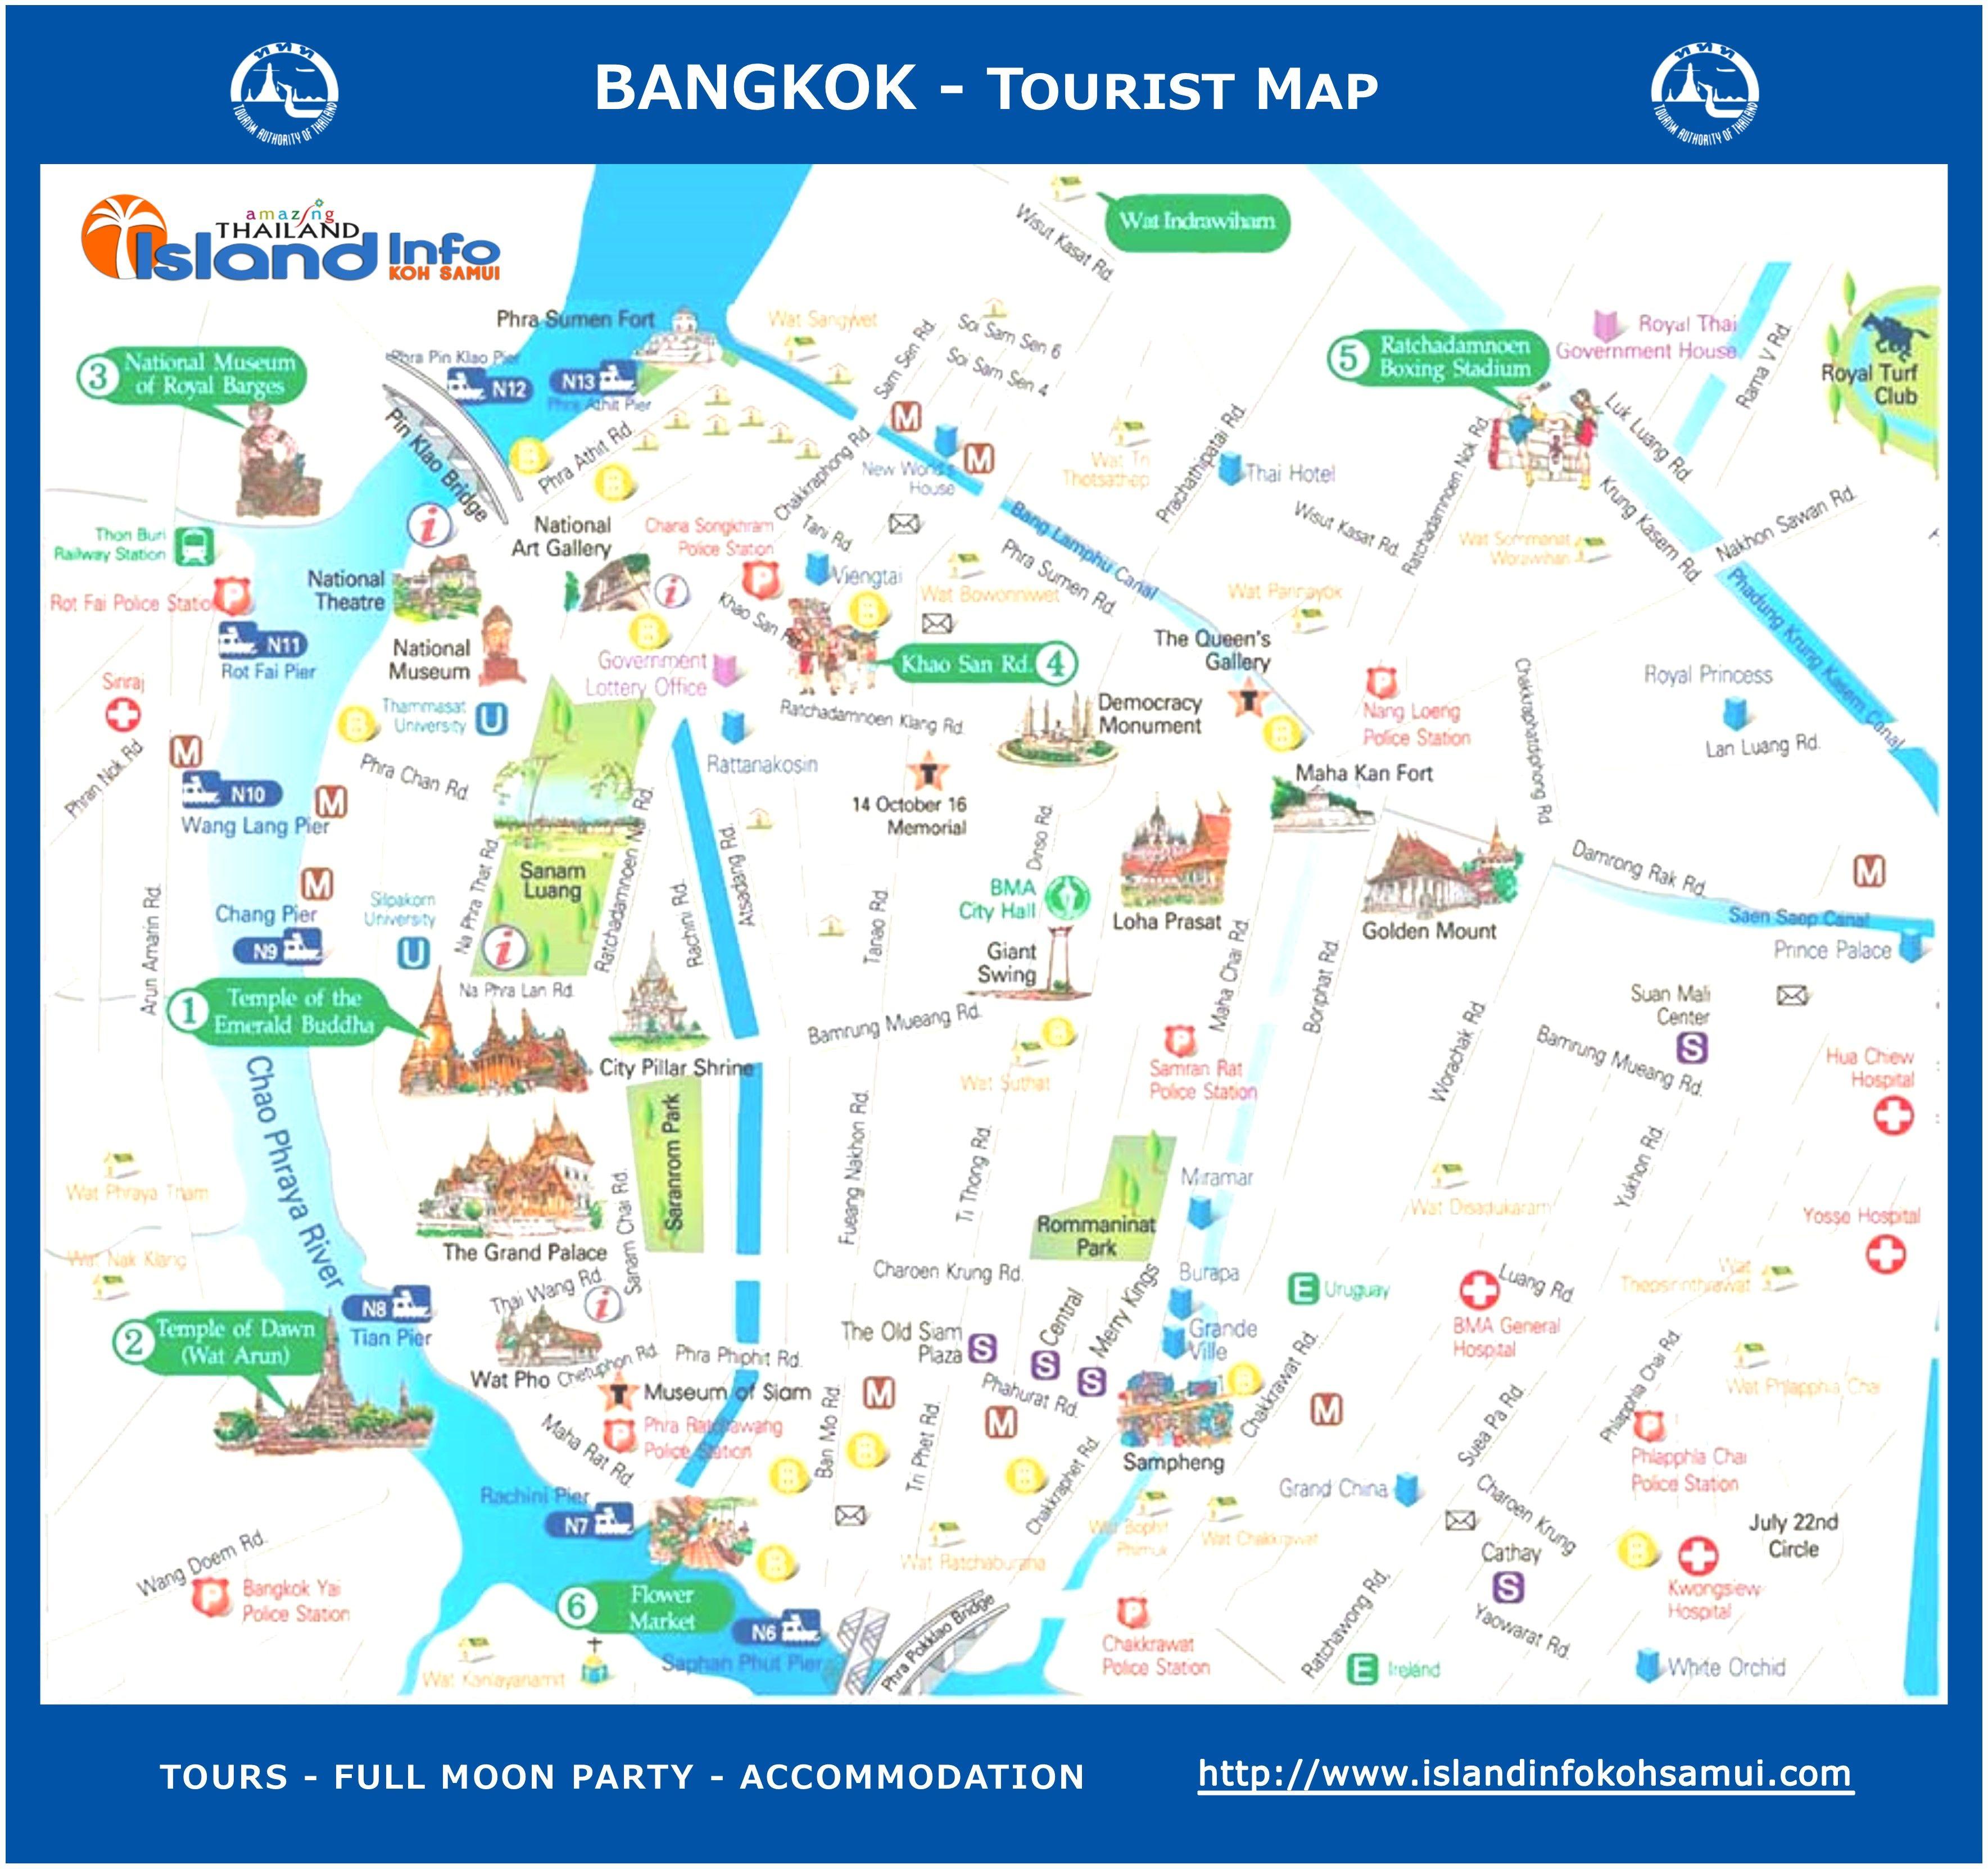 Pin by Edwin on Travel Pinterest Bangkok tourist map Tourist